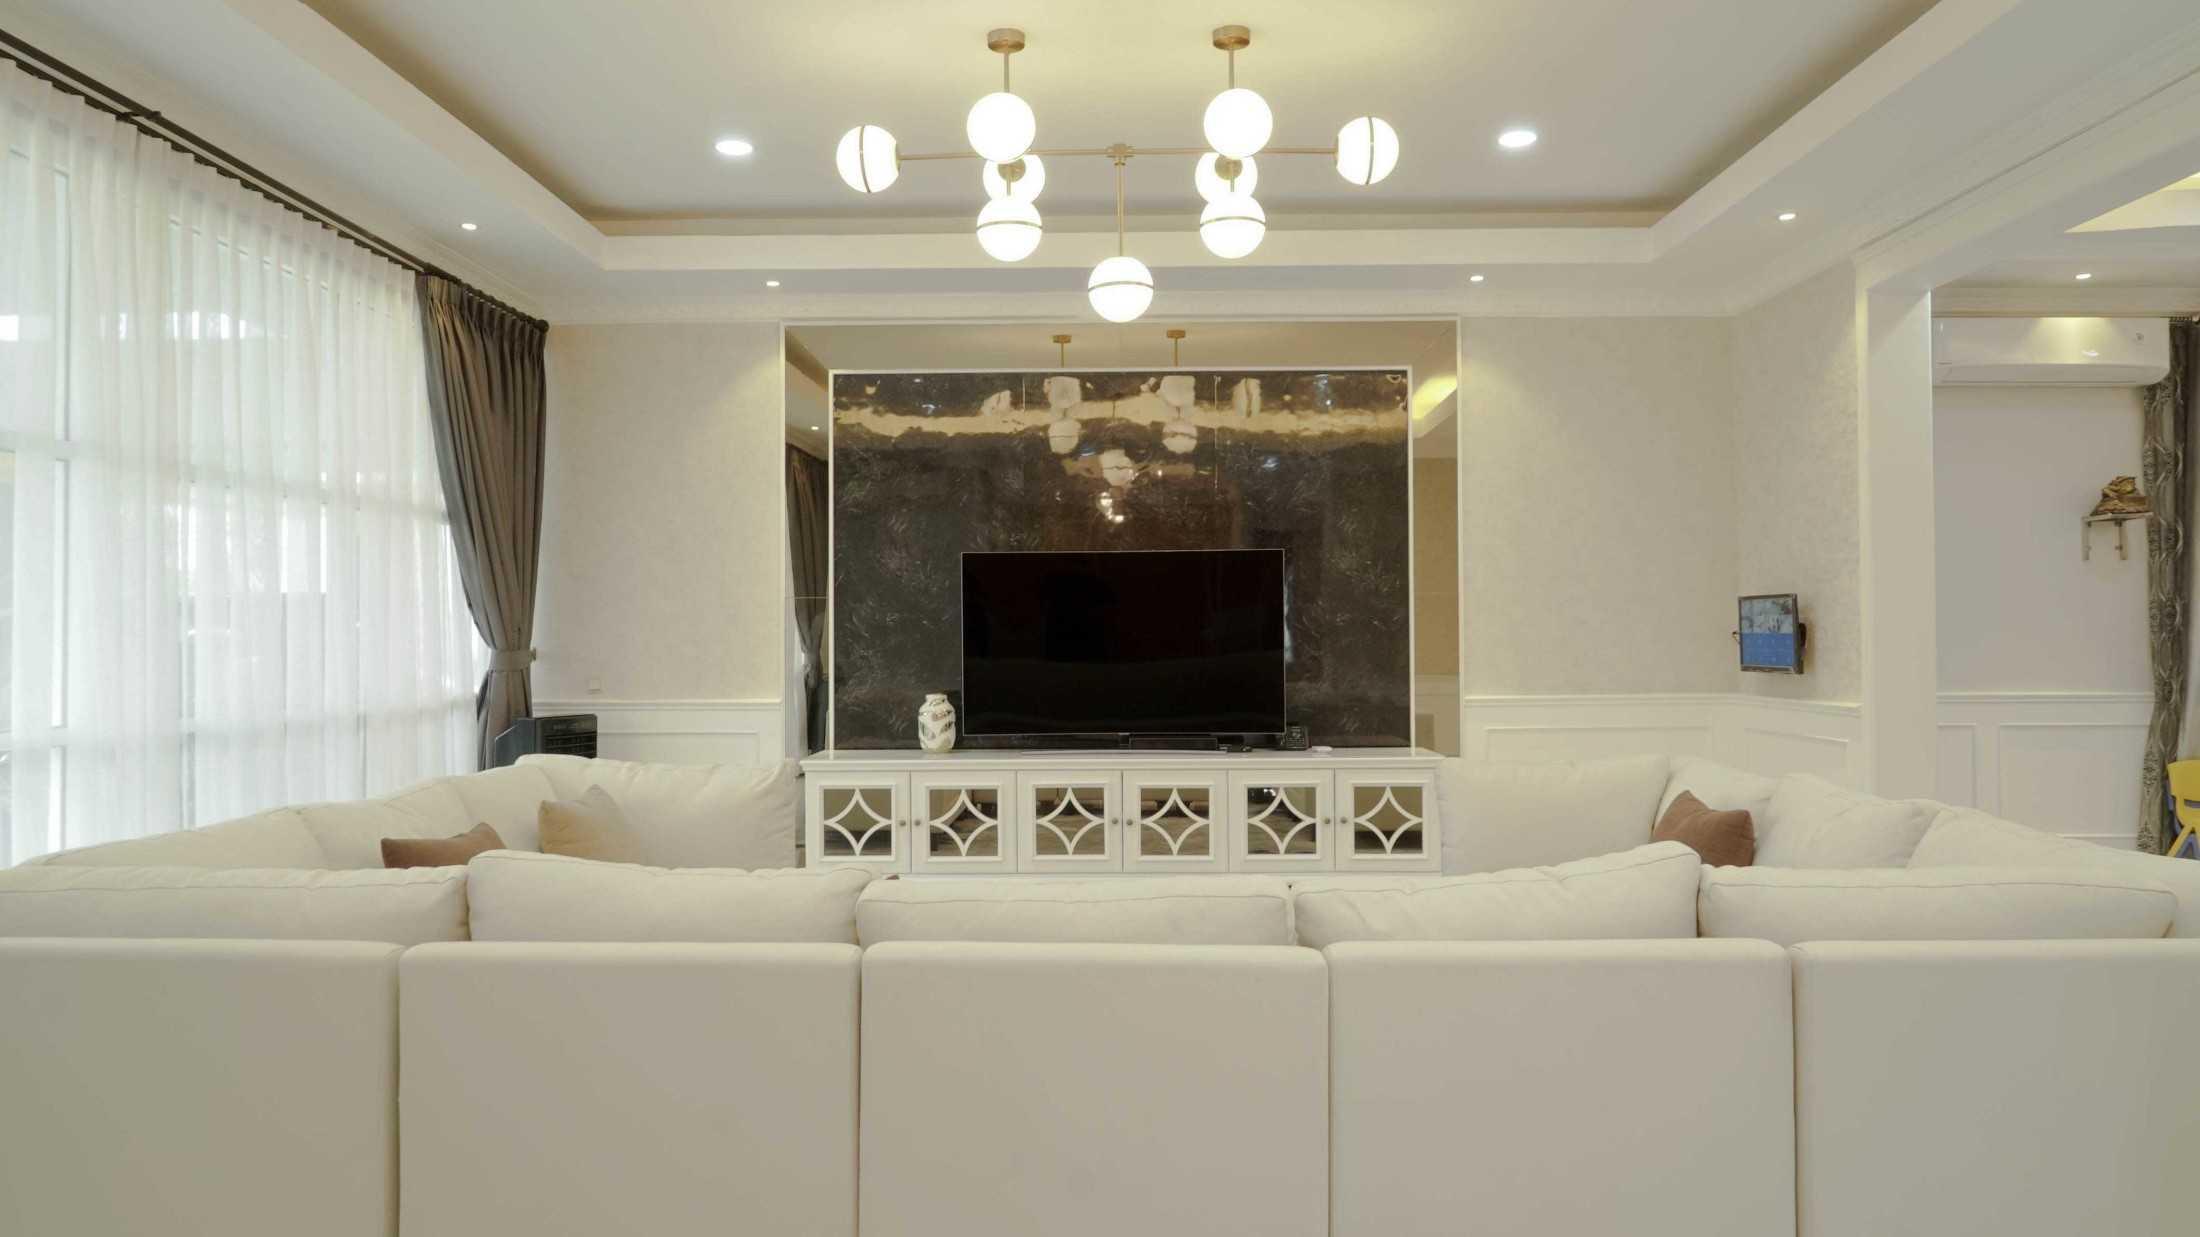 Oro Studio Vr House Jakarta, Daerah Khusus Ibukota Jakarta, Indonesia Jakarta, Daerah Khusus Ibukota Jakarta, Indonesia Oro-Studio-Vr-House  68474